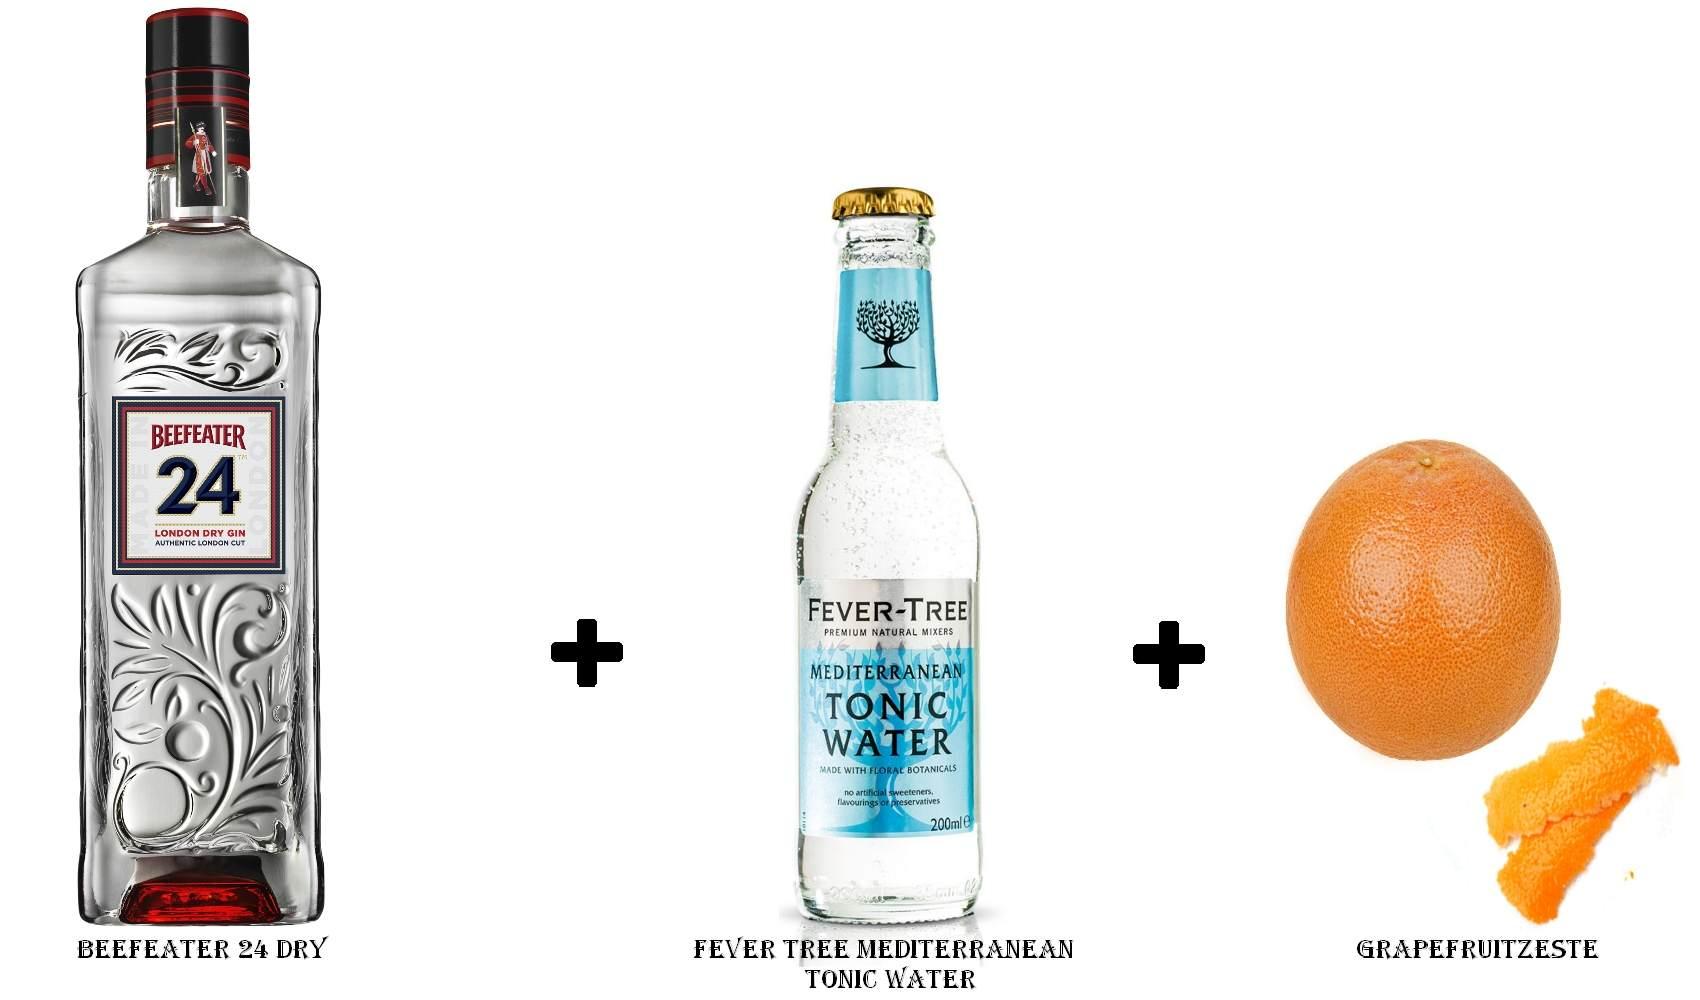 Beefeater 24 Dry + Fever Tree Mediterranean Tonic Water +  Grapefruitzeste